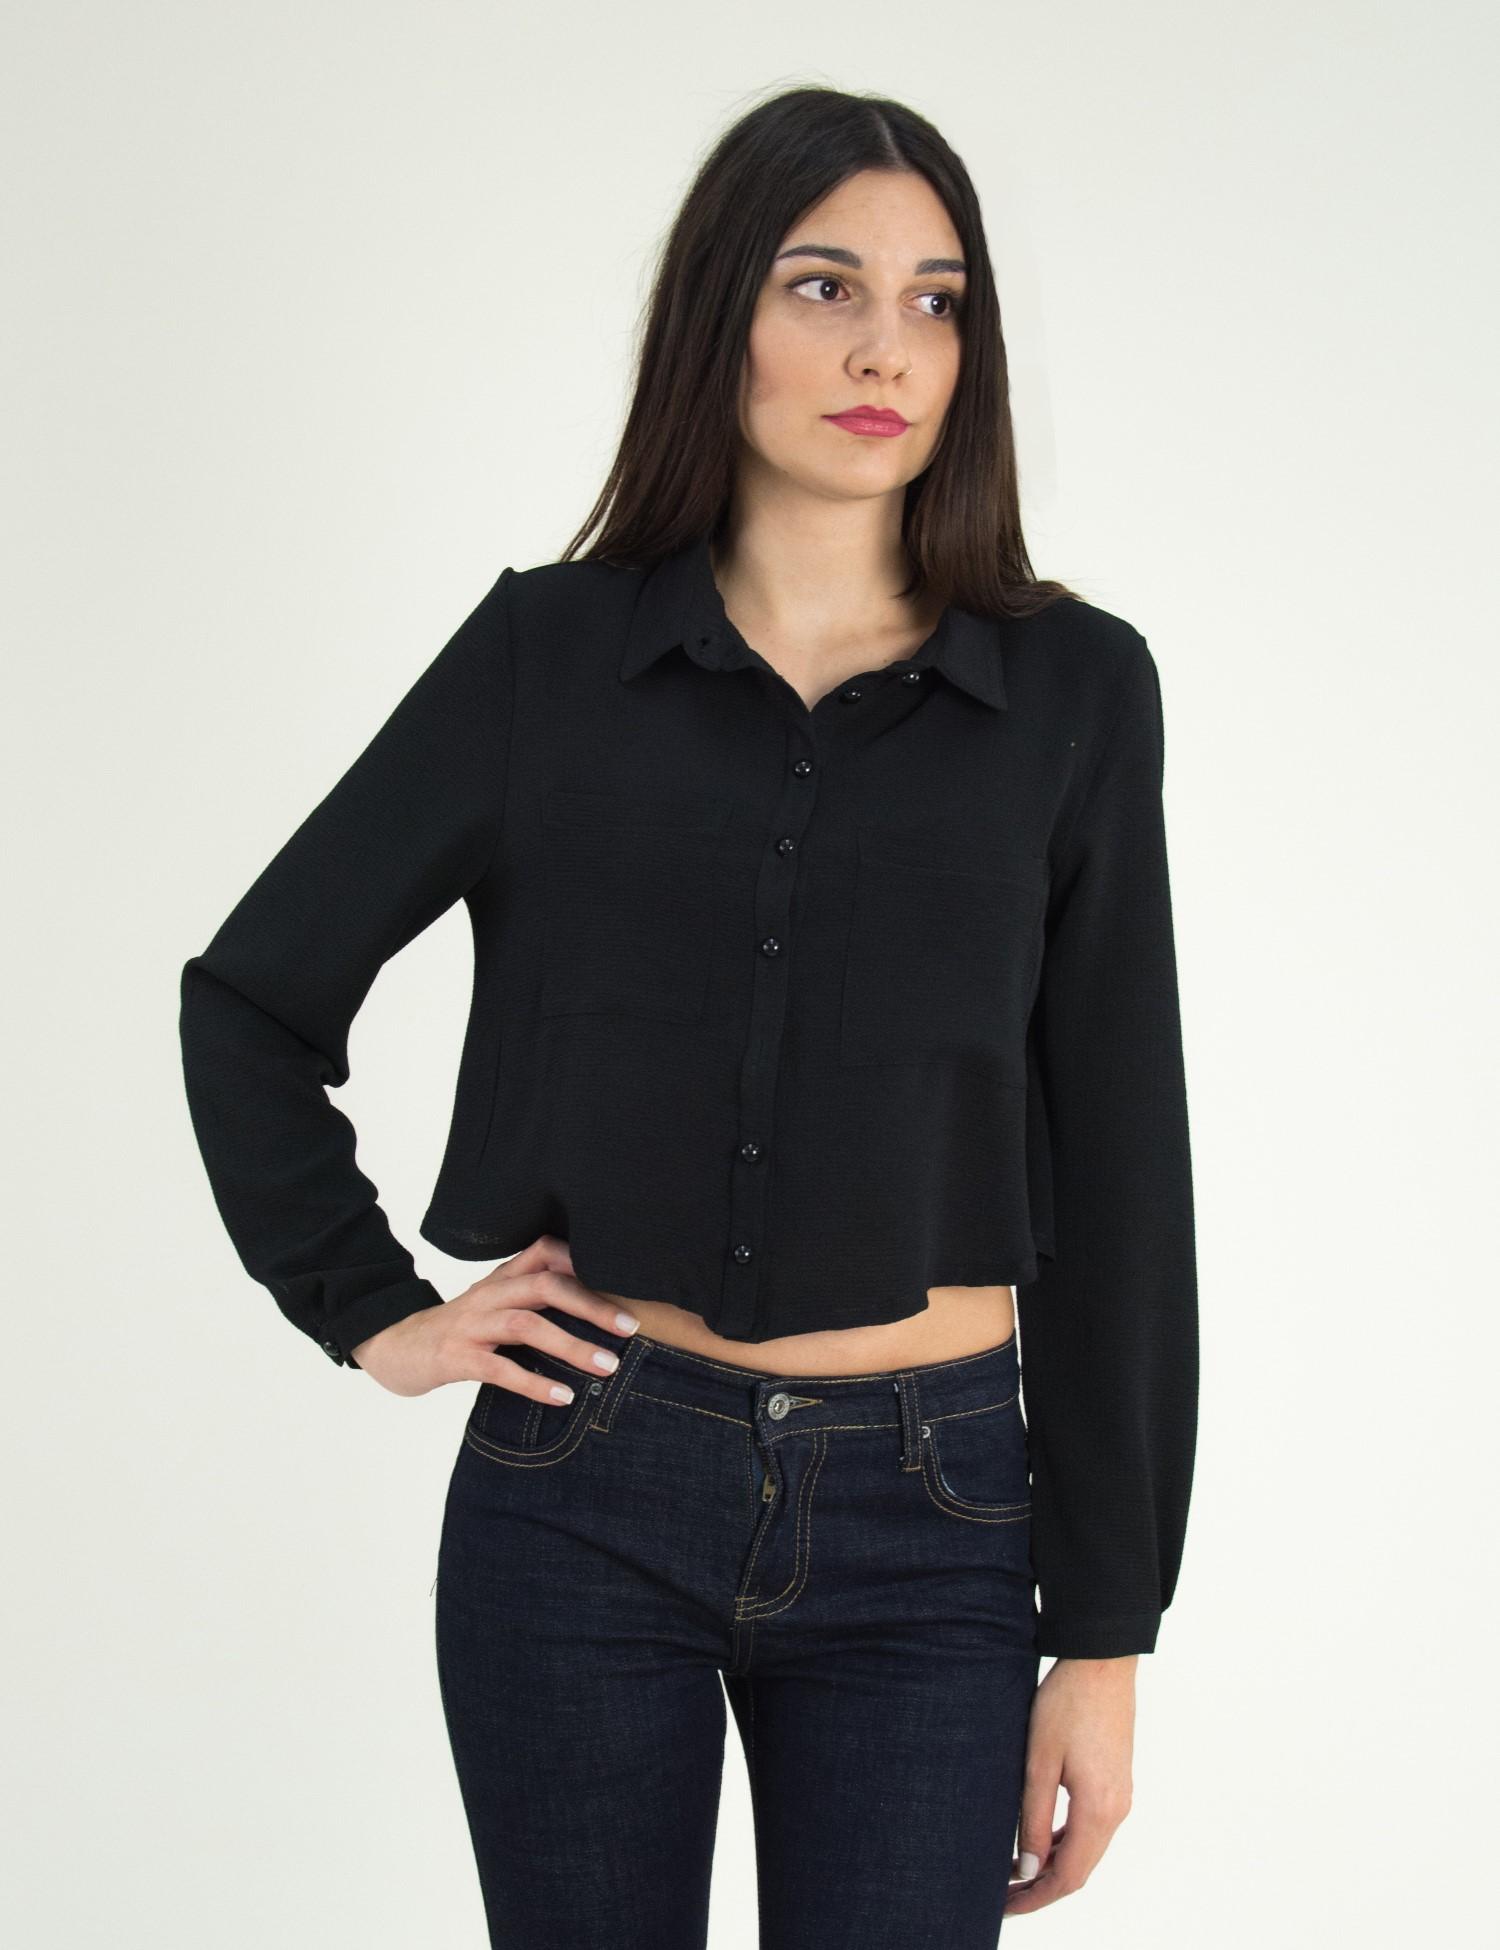 dc7674cccaee Γυναικείο μαύρο κοντο πουκάμισο τσεπάκια πέρλες Coocu 21990F